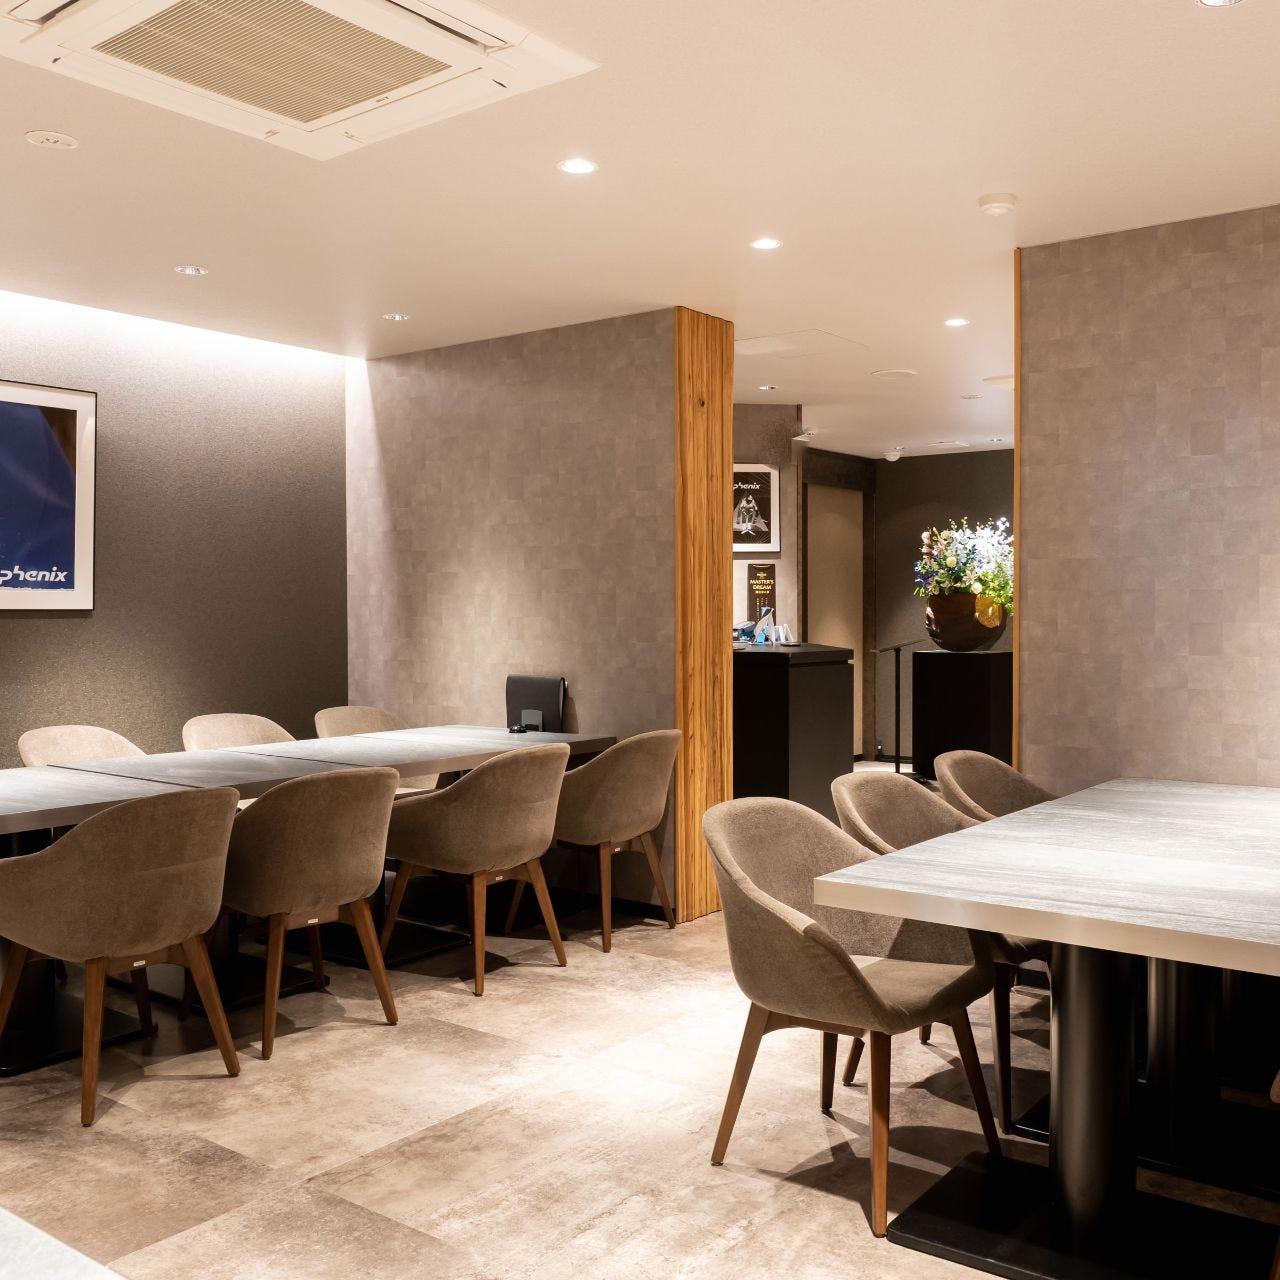 【席のみ予約】日本料理の持つ至福の魅力を目と舌で贅沢に堪能する美食空間